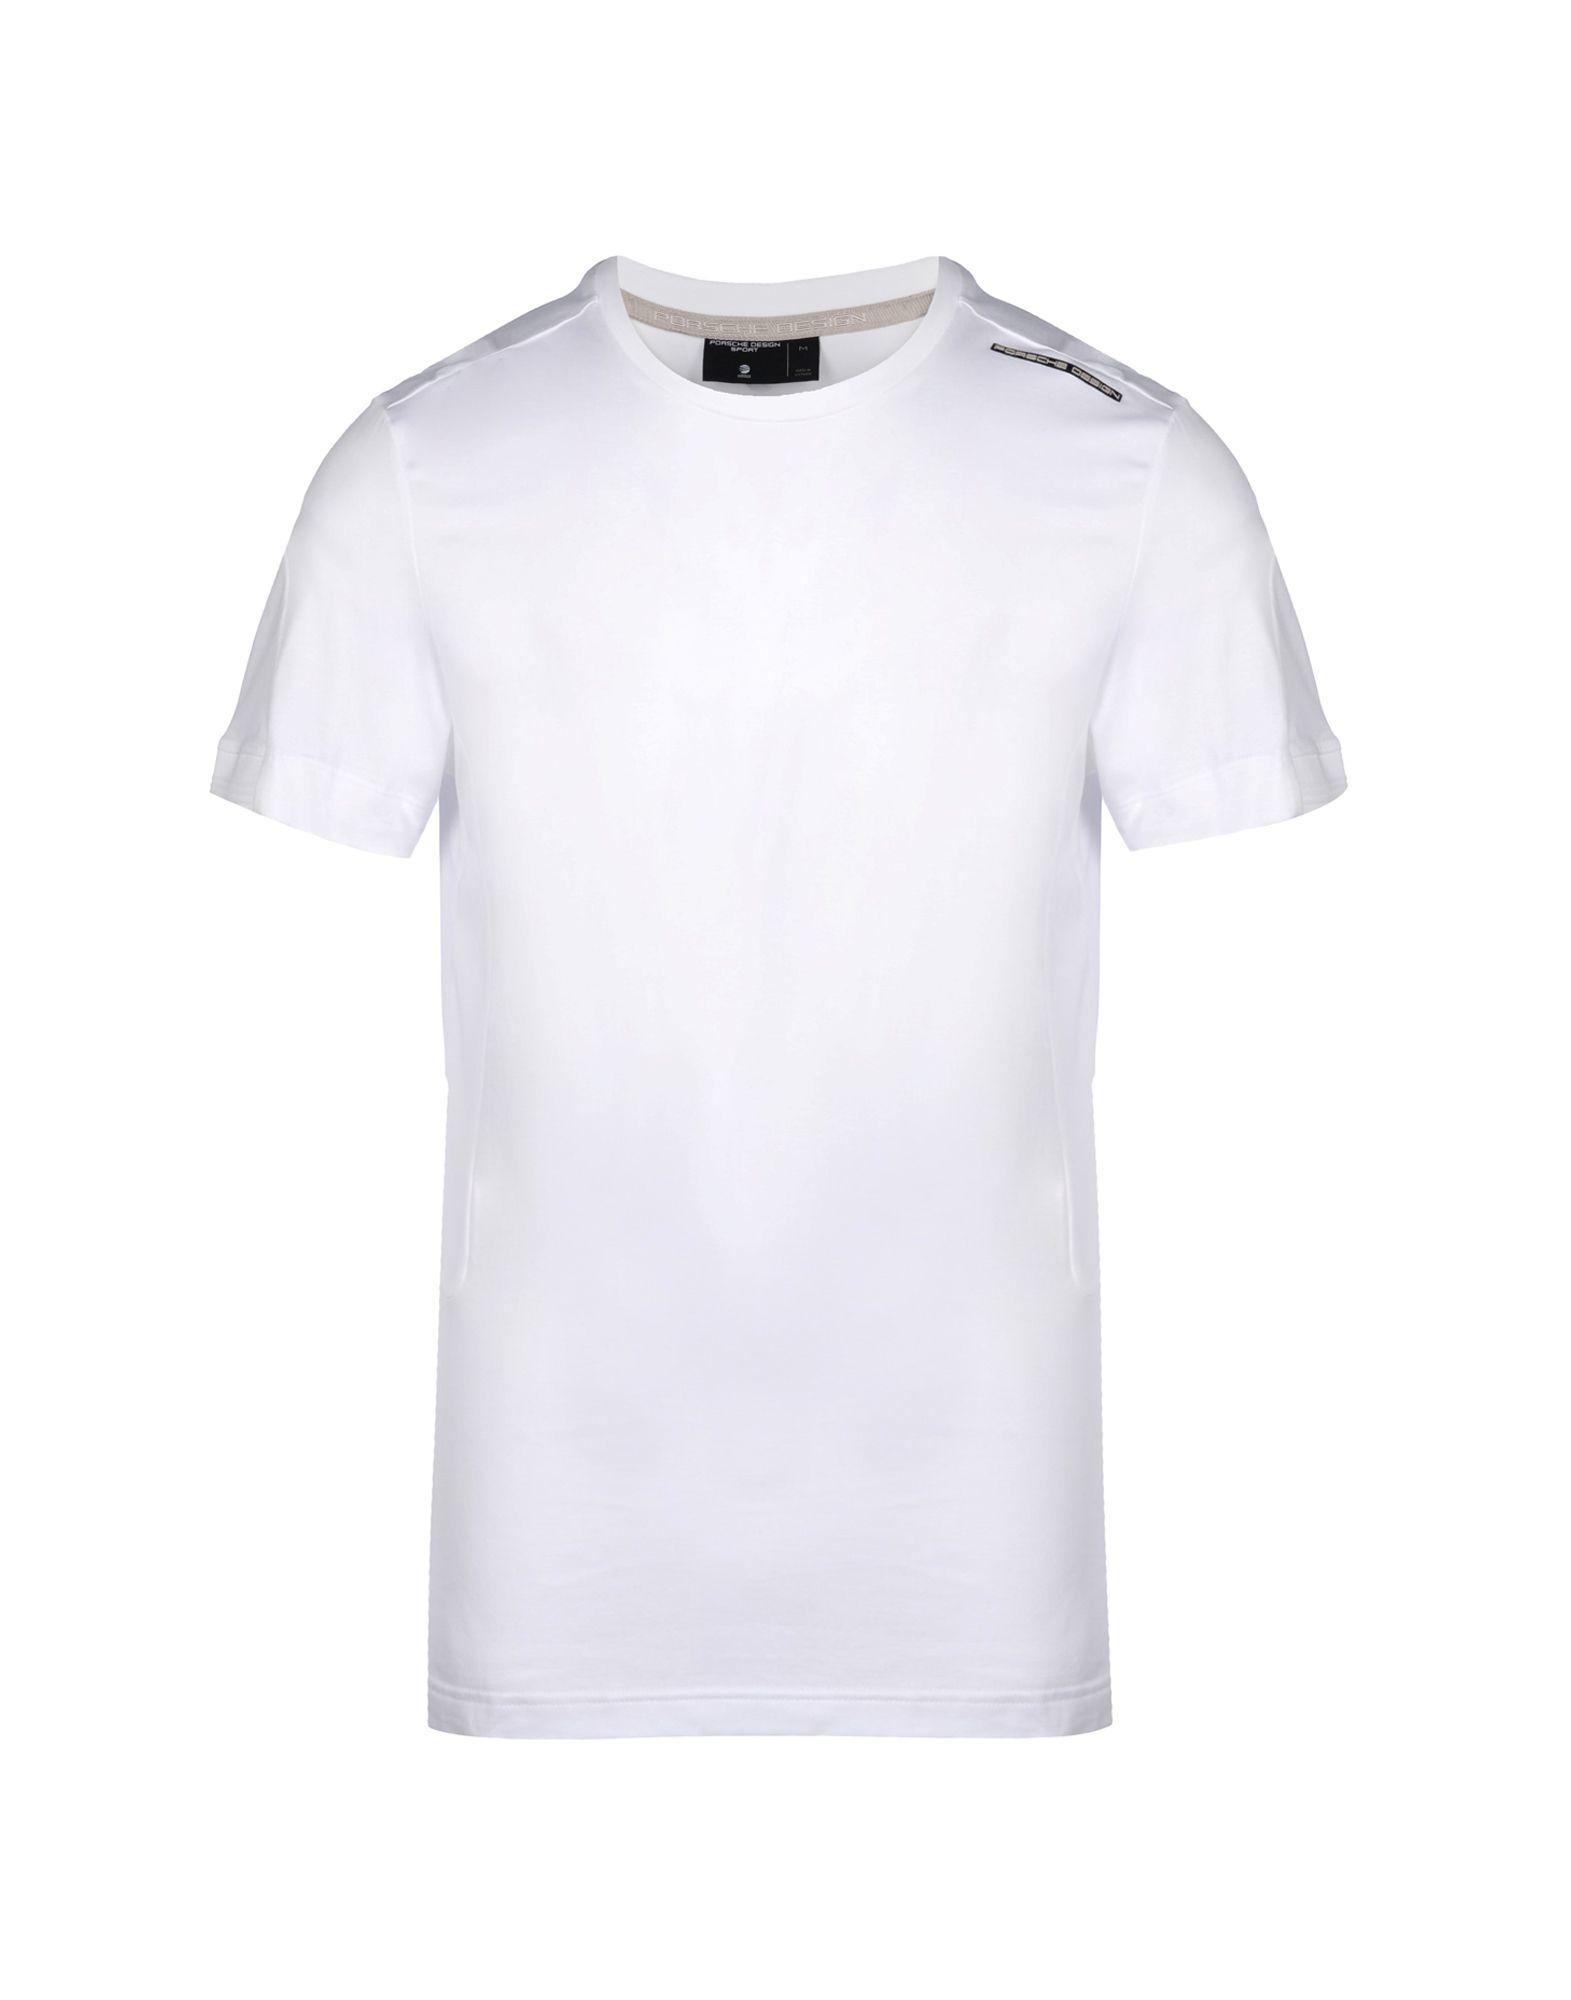 White t shirt for design - Porsche Design Men S White T Shirt